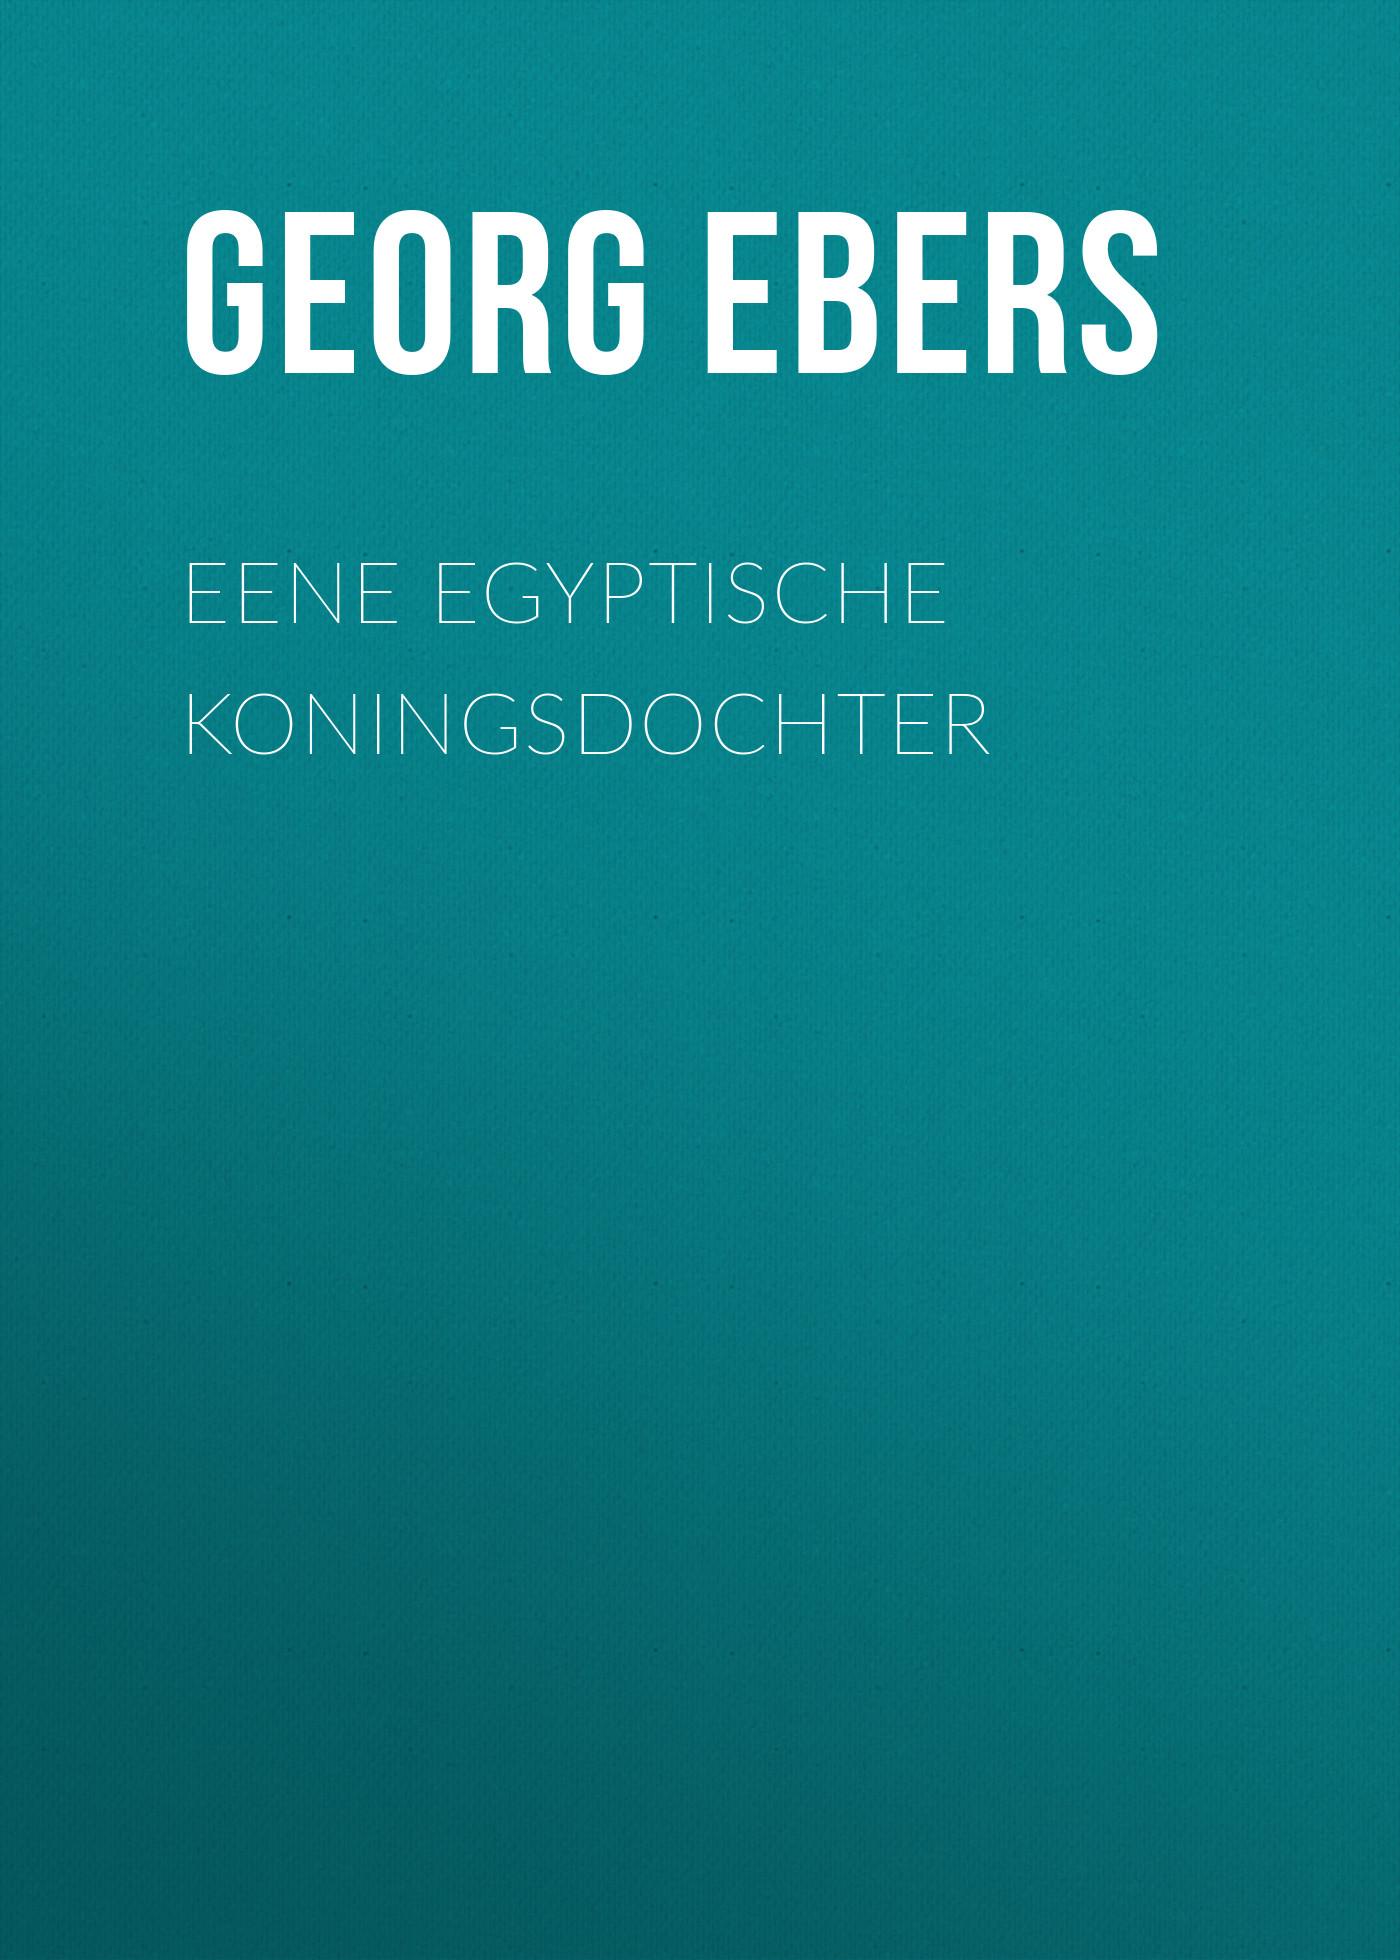 Georg Ebers Eene Egyptische Koningsdochter georg ebers de nijlbruid